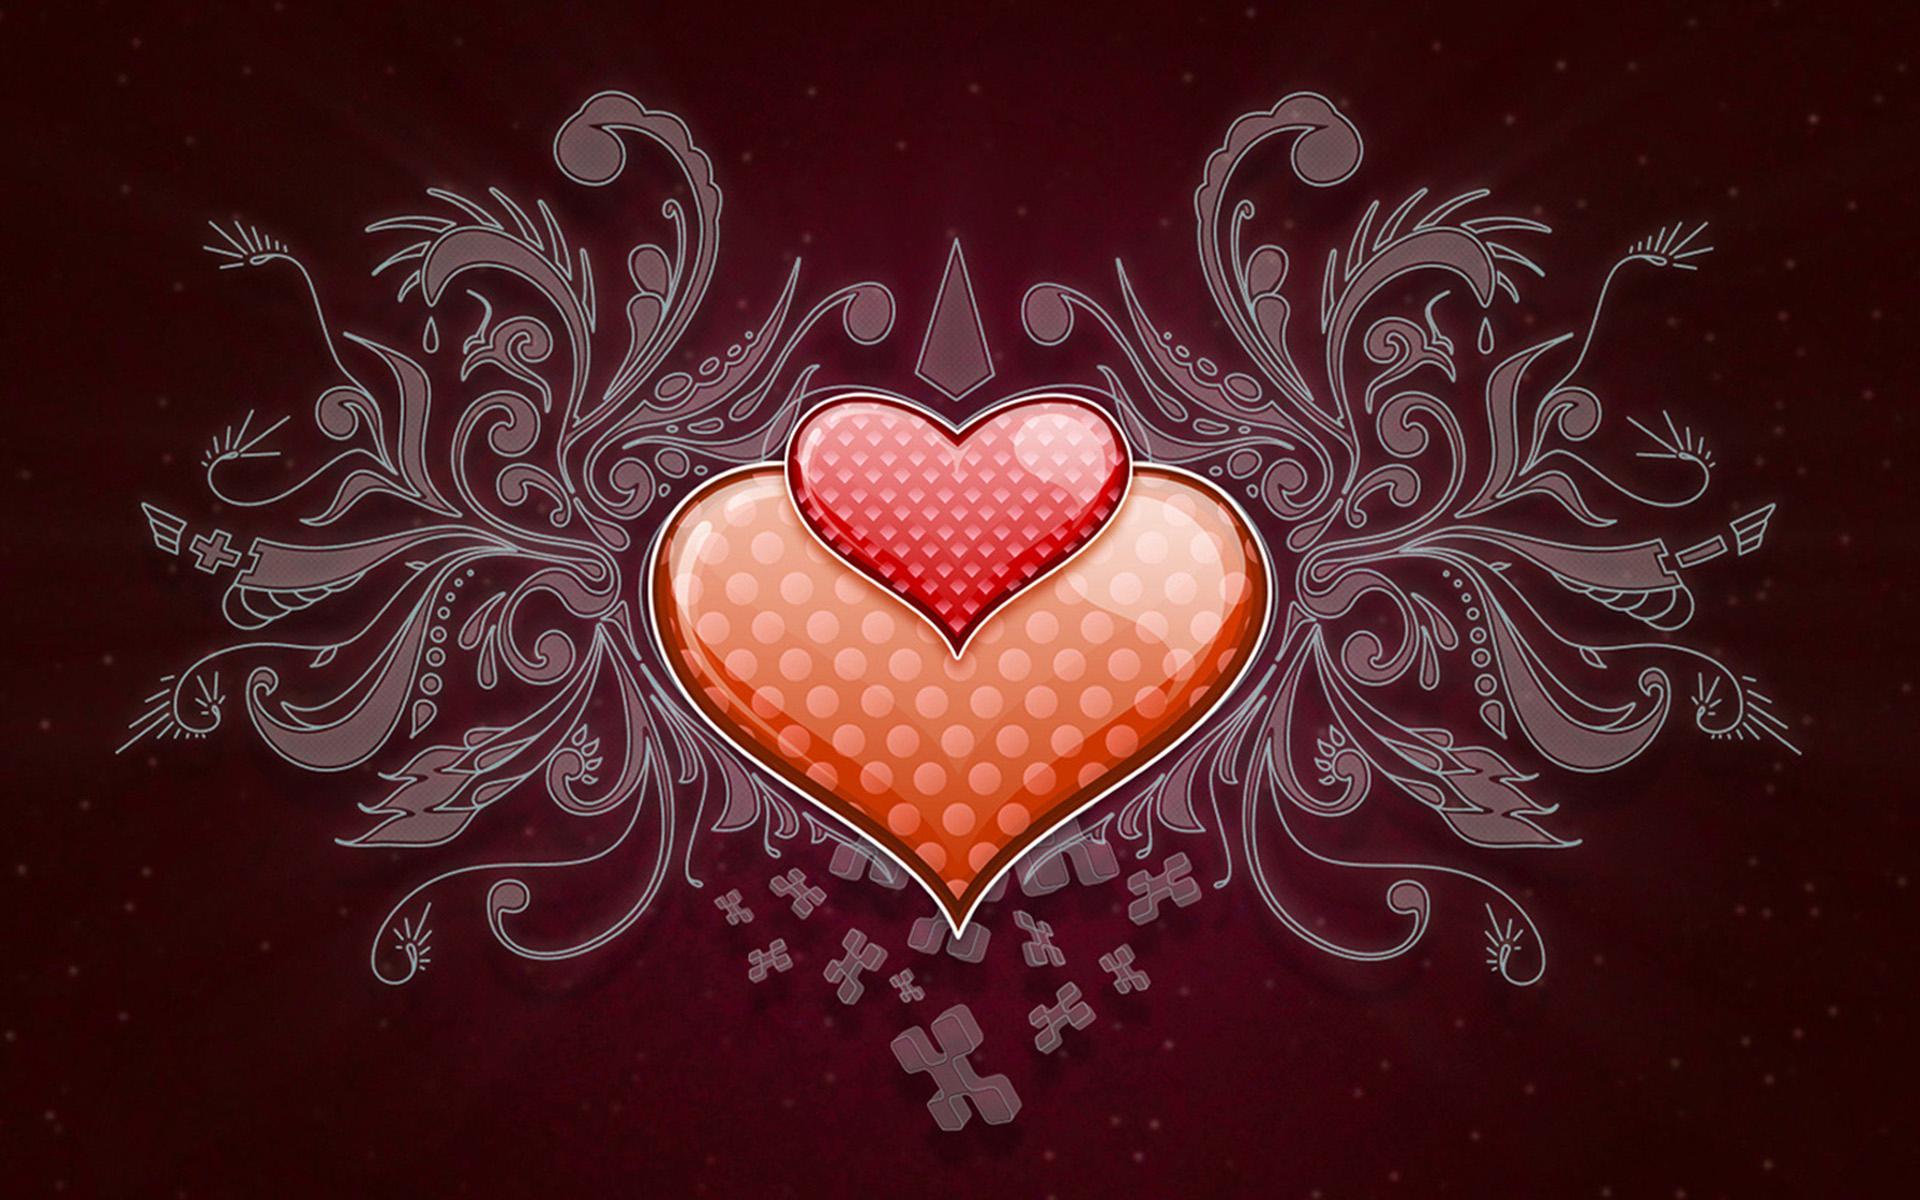 صور التهنئة بالفلانتين والحب (1)